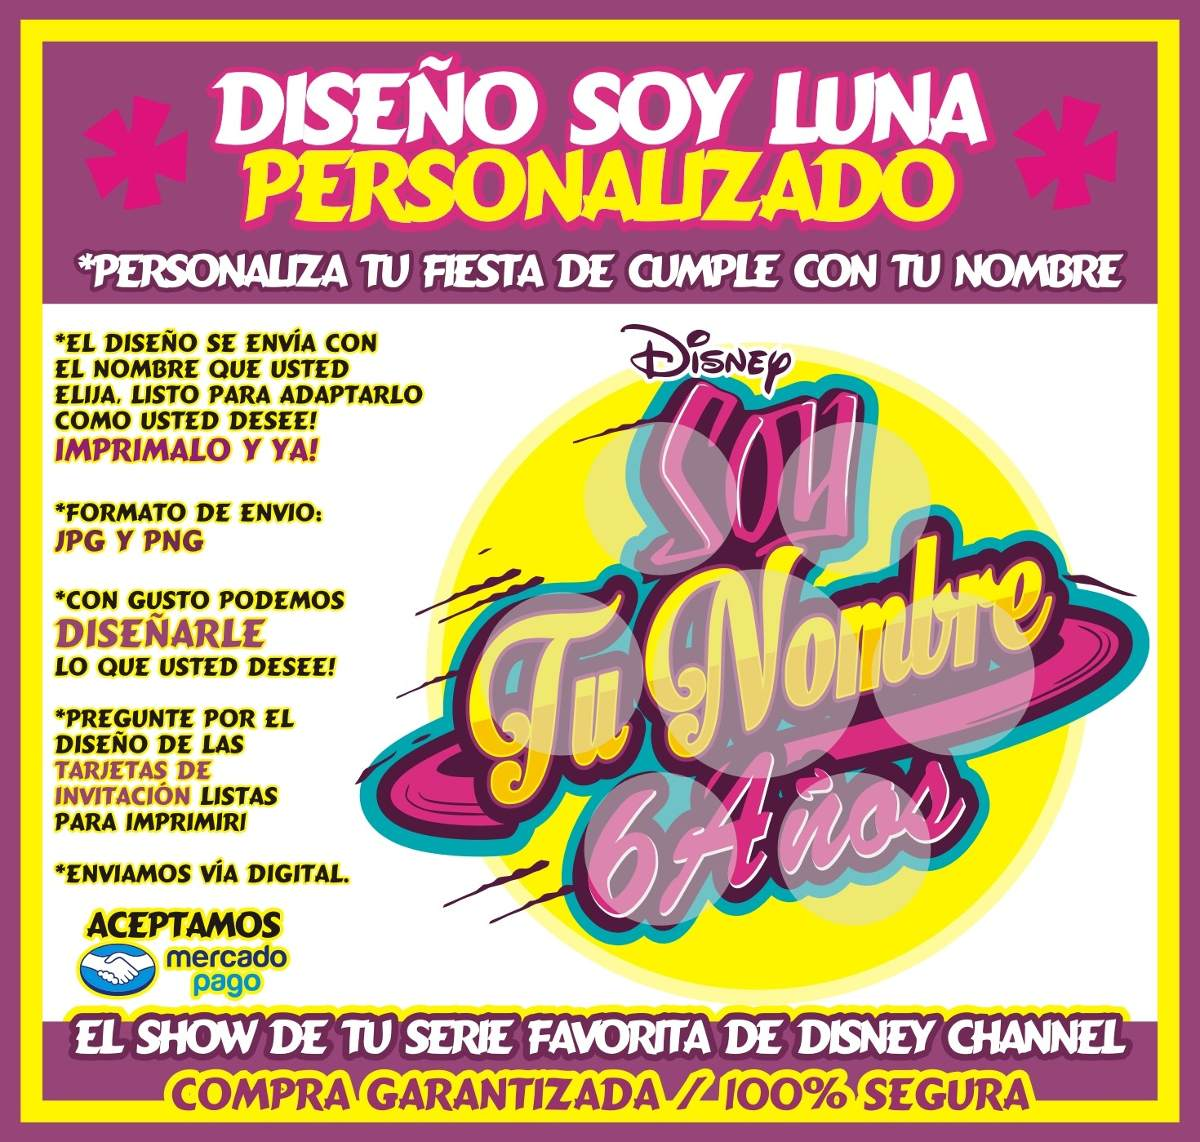 Logo Diseño Soy Luna Personalizado Tarjetas De Invitacion